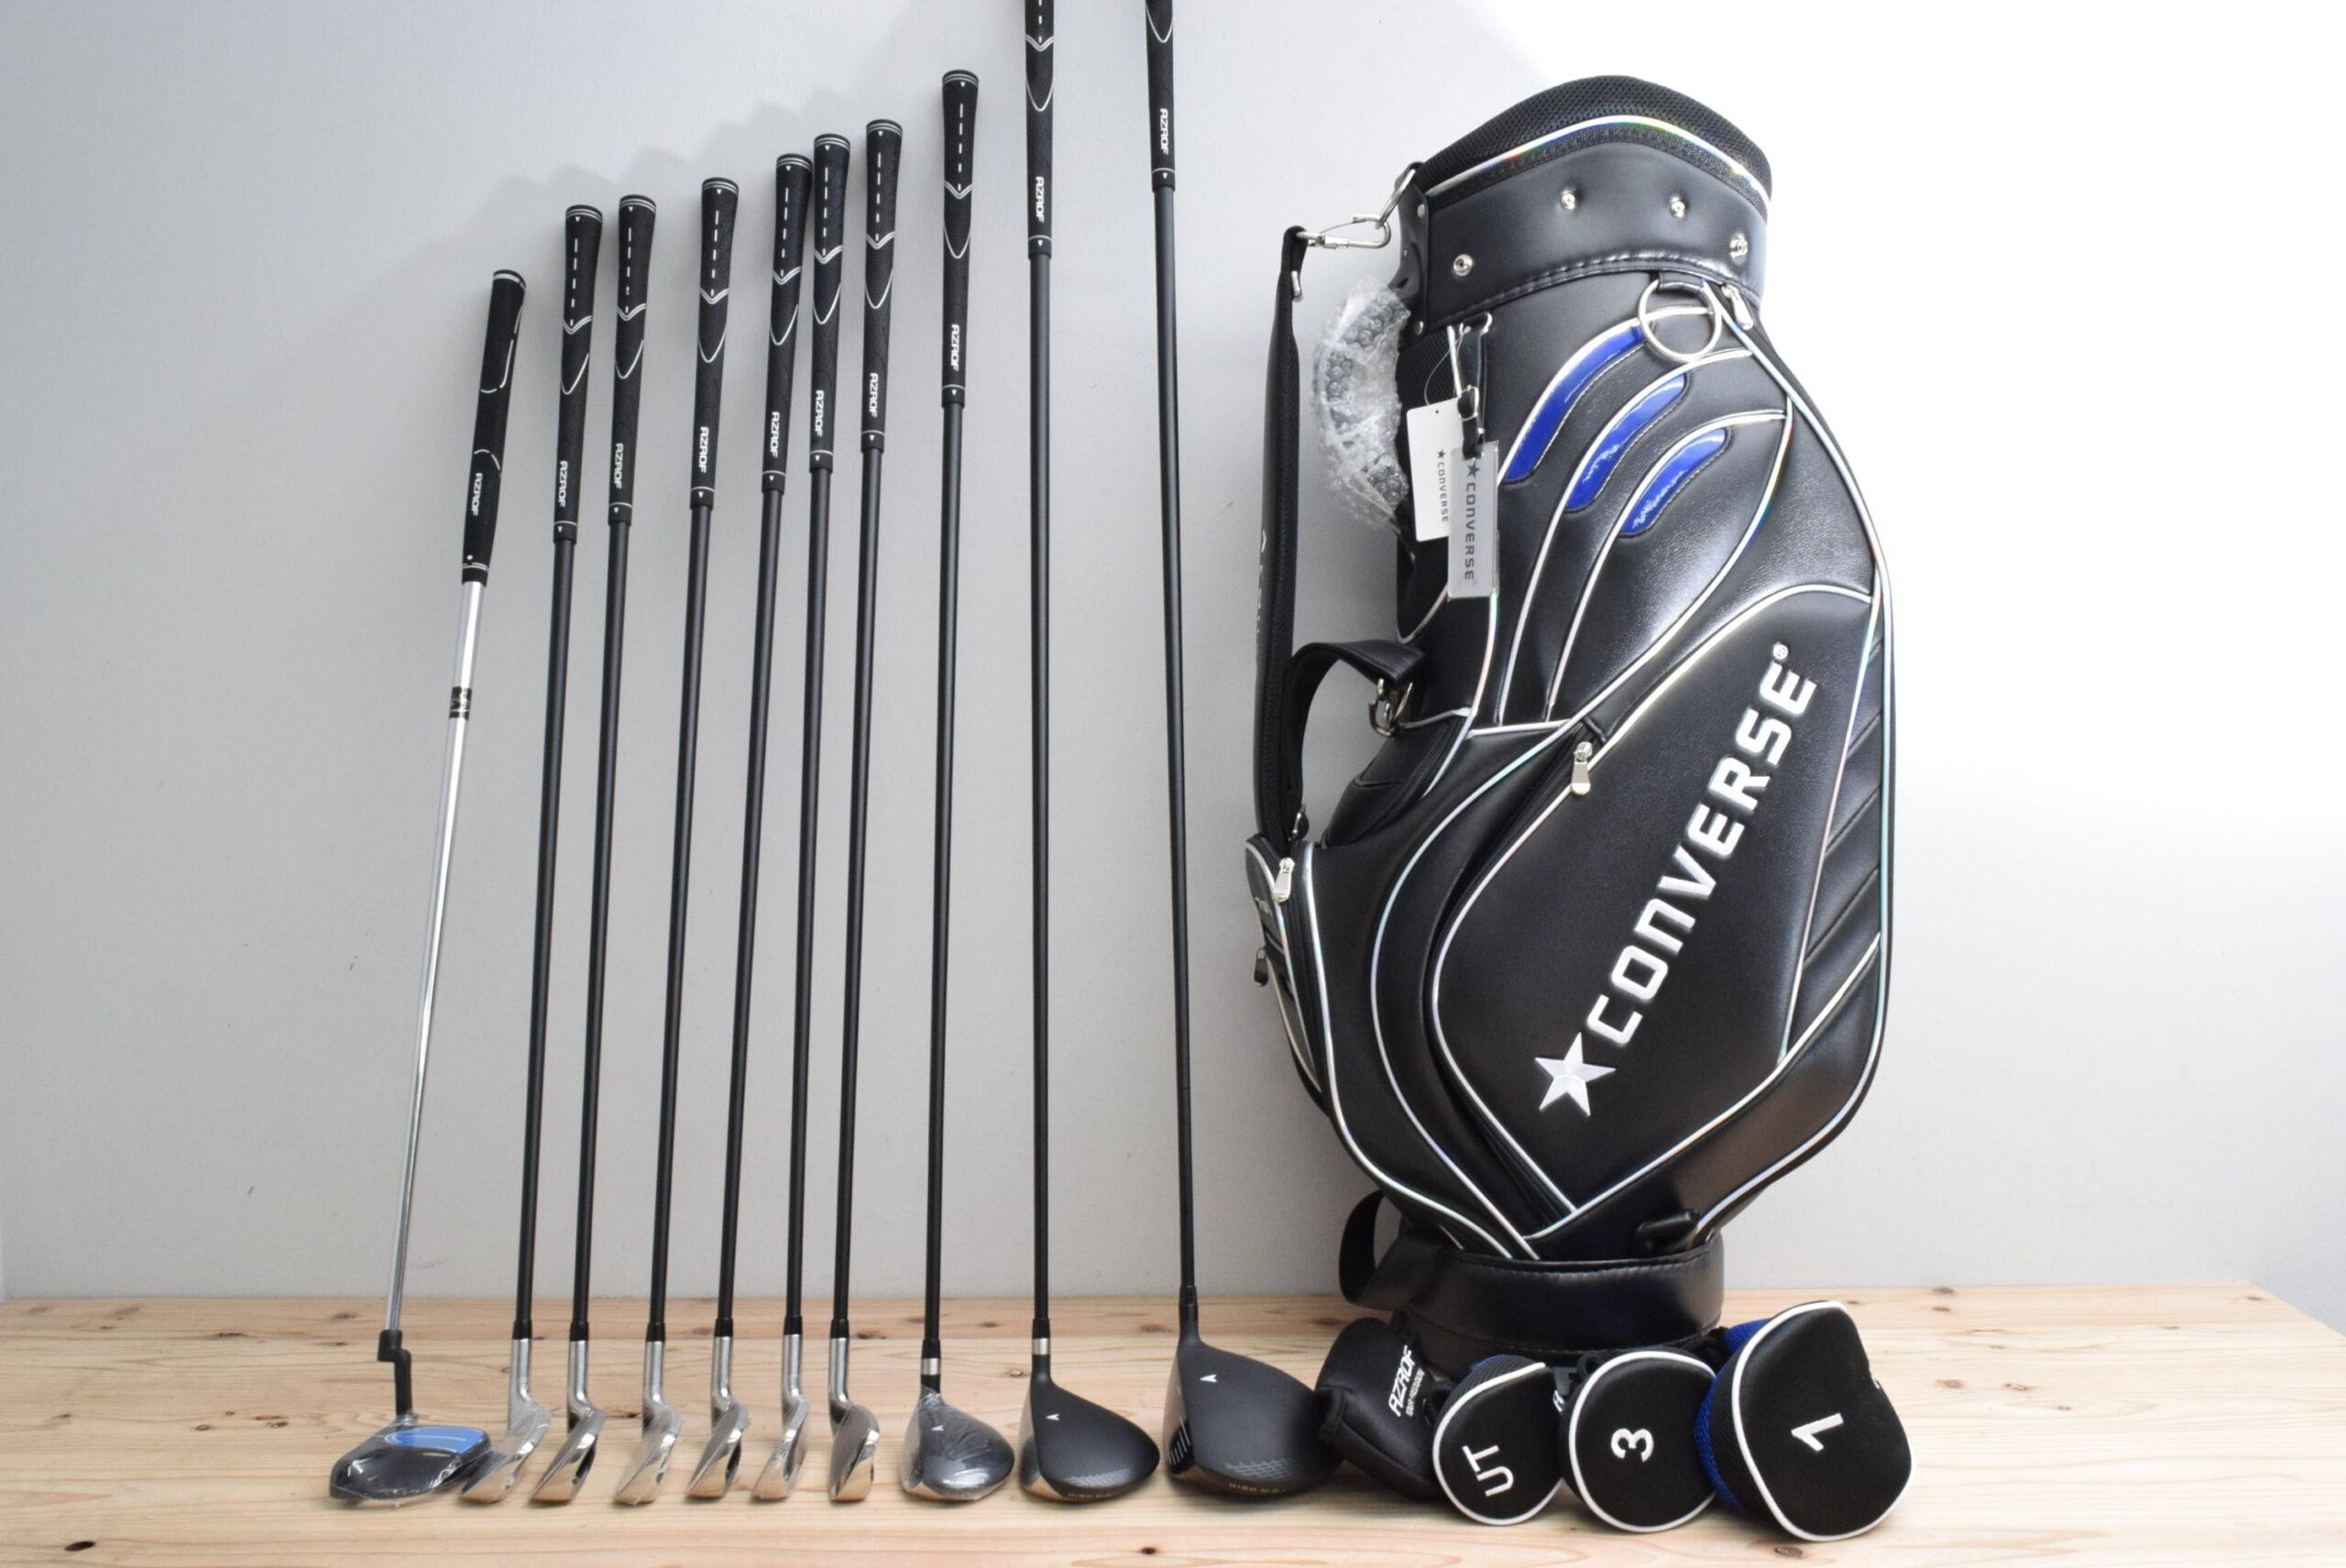 アズロフ AZROF AZC-7047 メンズ レフティ ゴルフクラブセット フレックスMULTI 買取価格